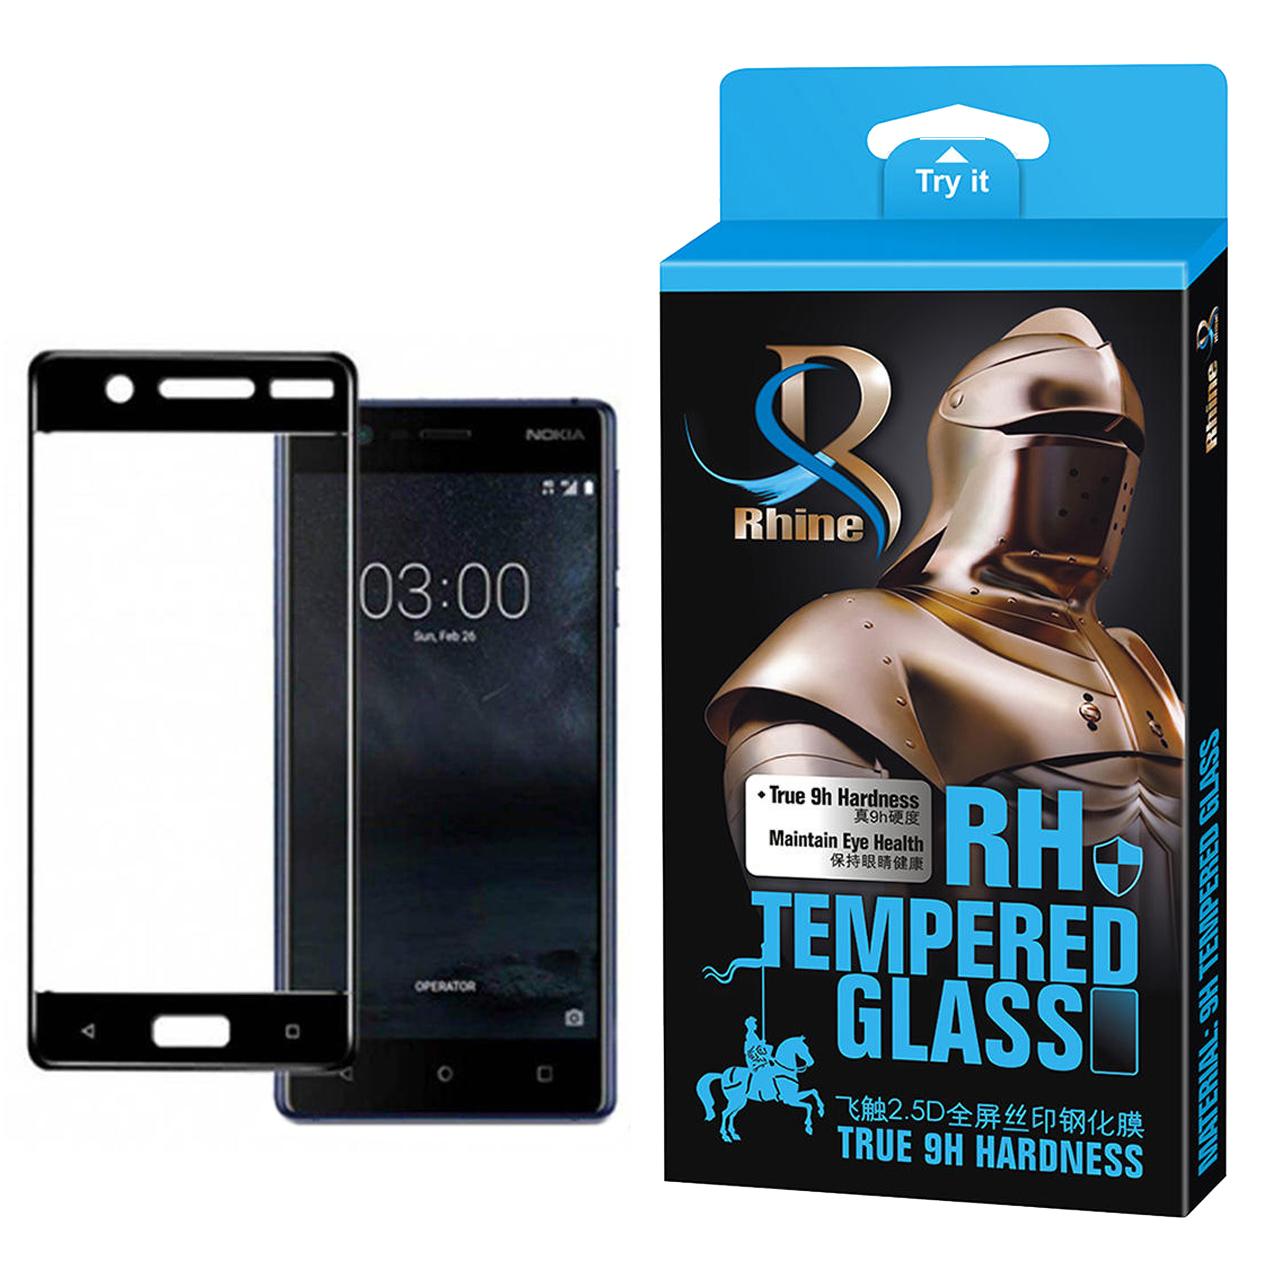 خرید                     محافظ صفحه نمایش راین مدل R_9 مناسب برای گوشی موبایل نوکیا 5